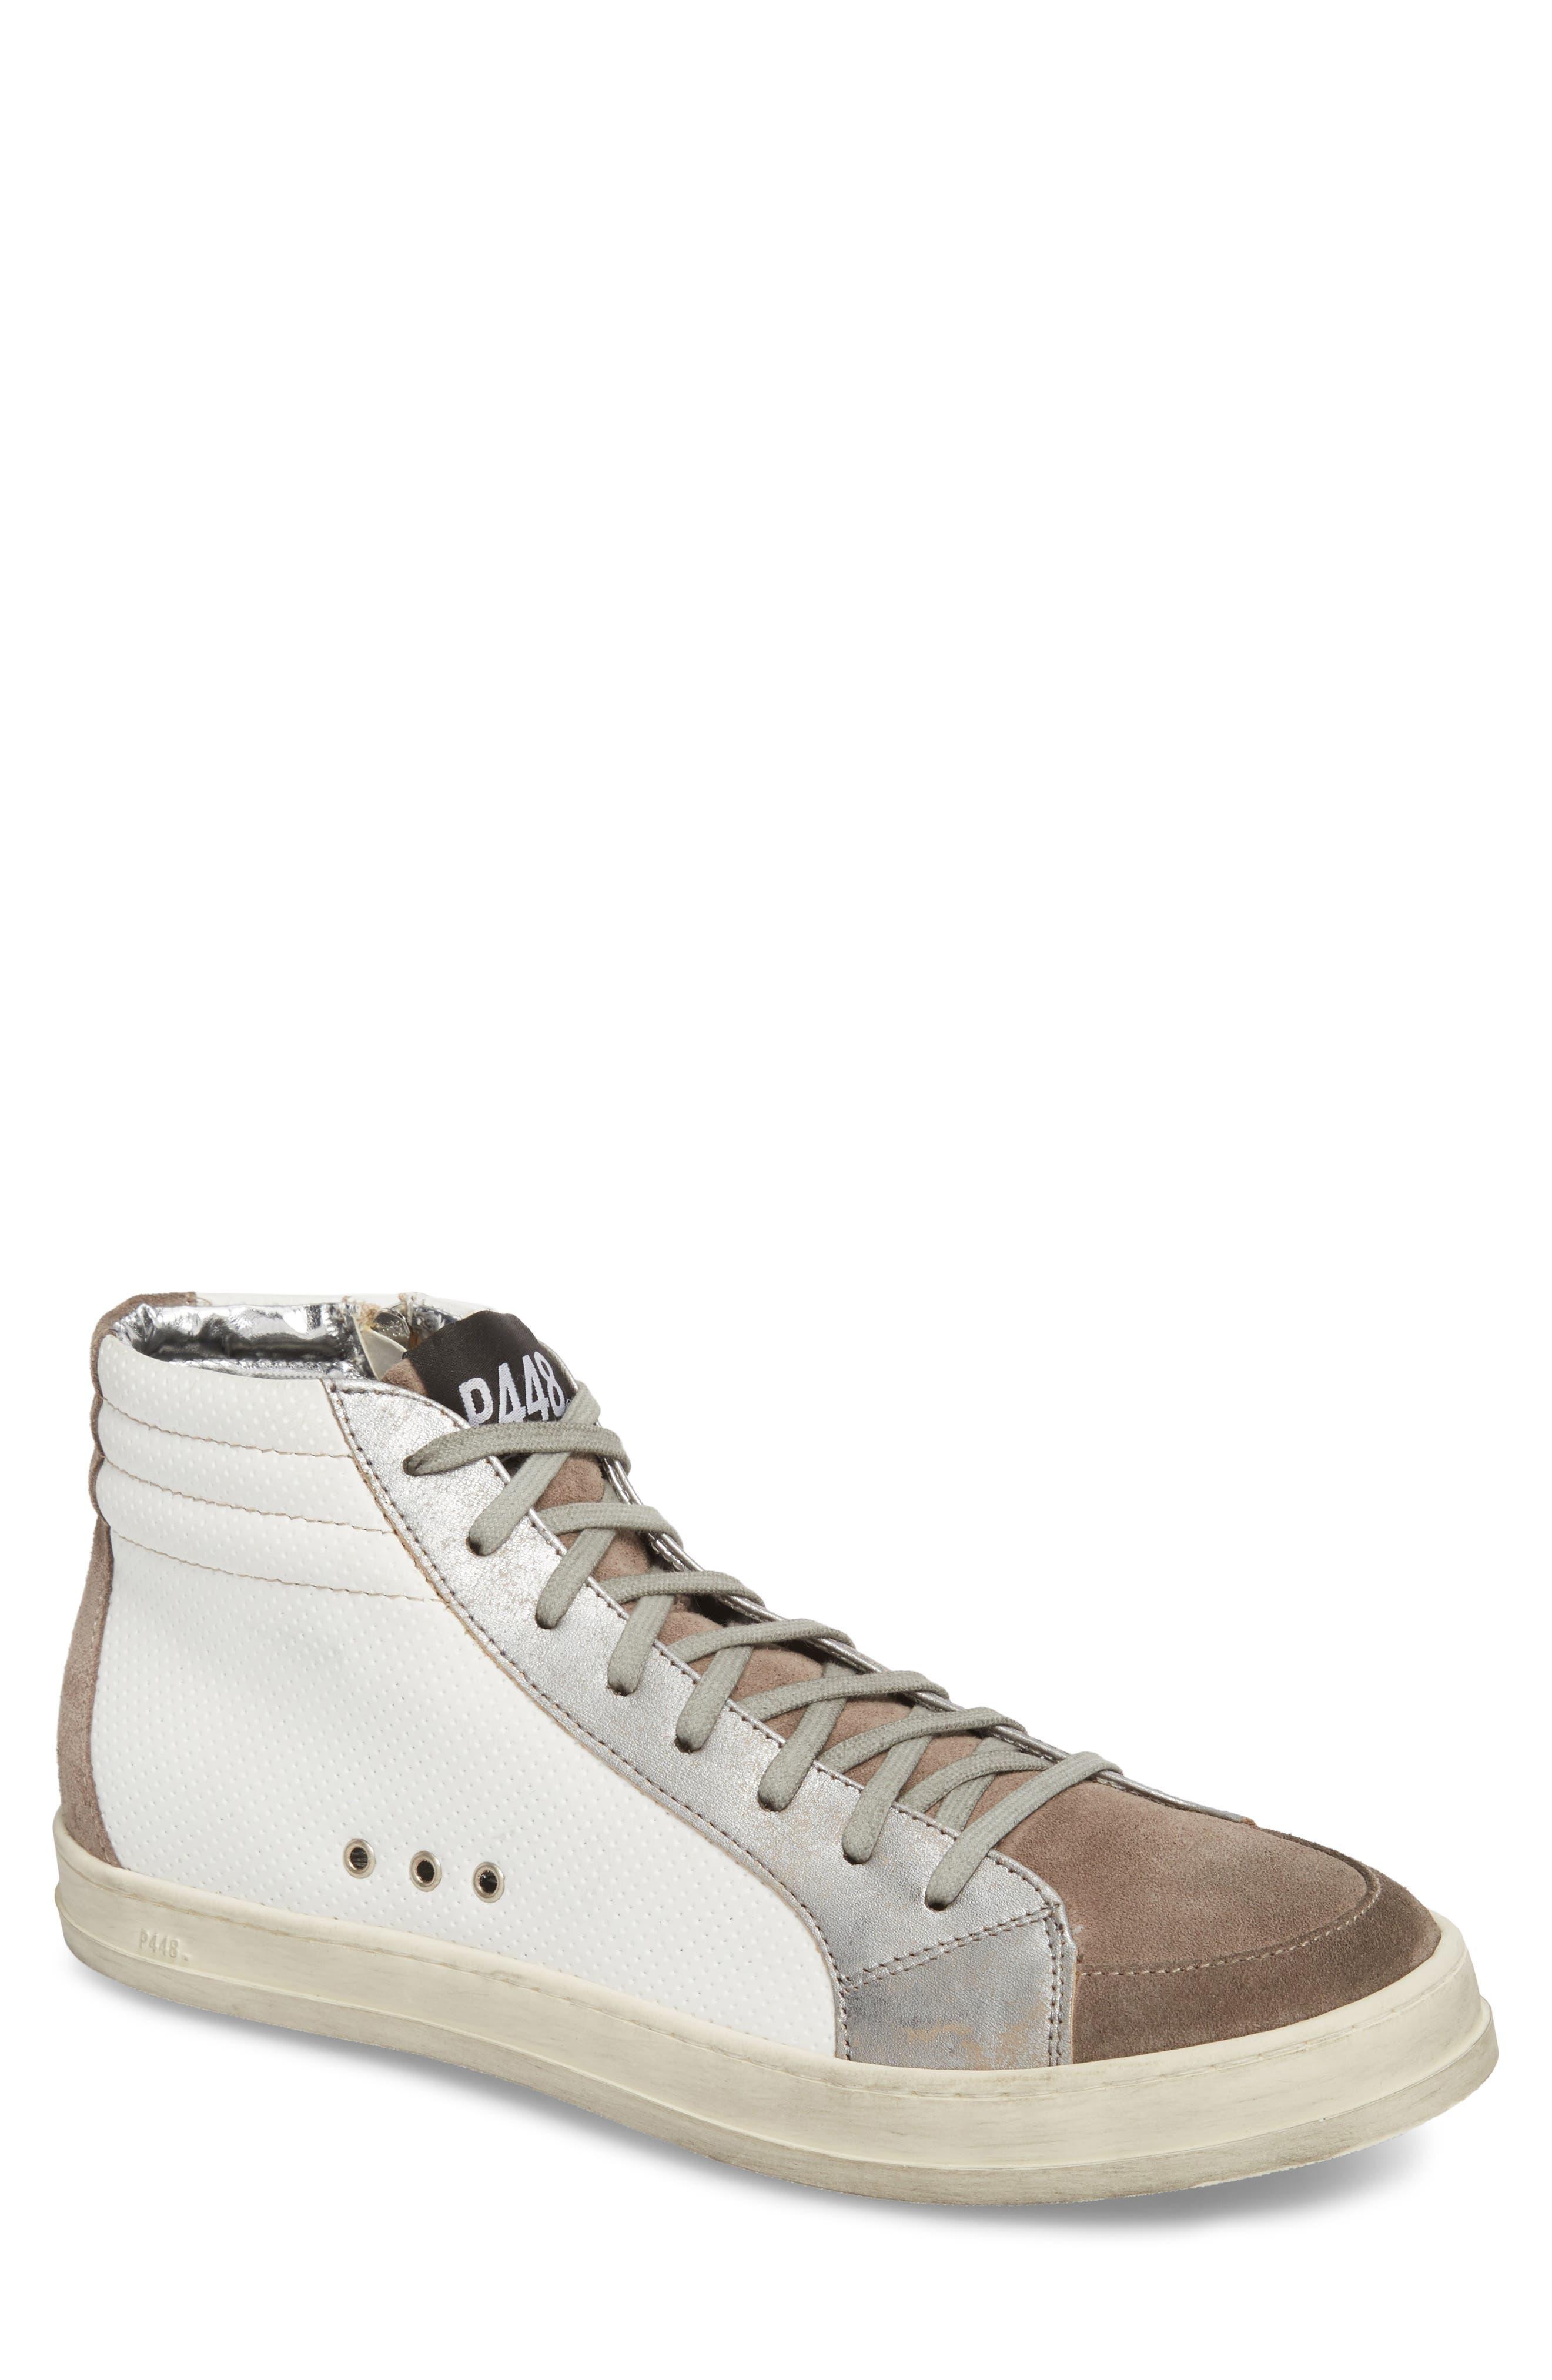 P448,                             Skate High Top Sneaker,                             Main thumbnail 1, color,                             111